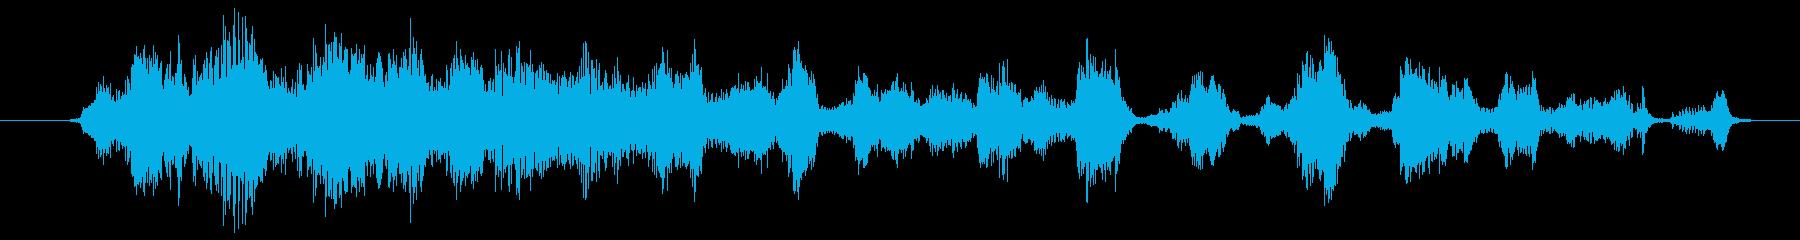 客席の爆笑・大勢の笑い声[stereo]の再生済みの波形